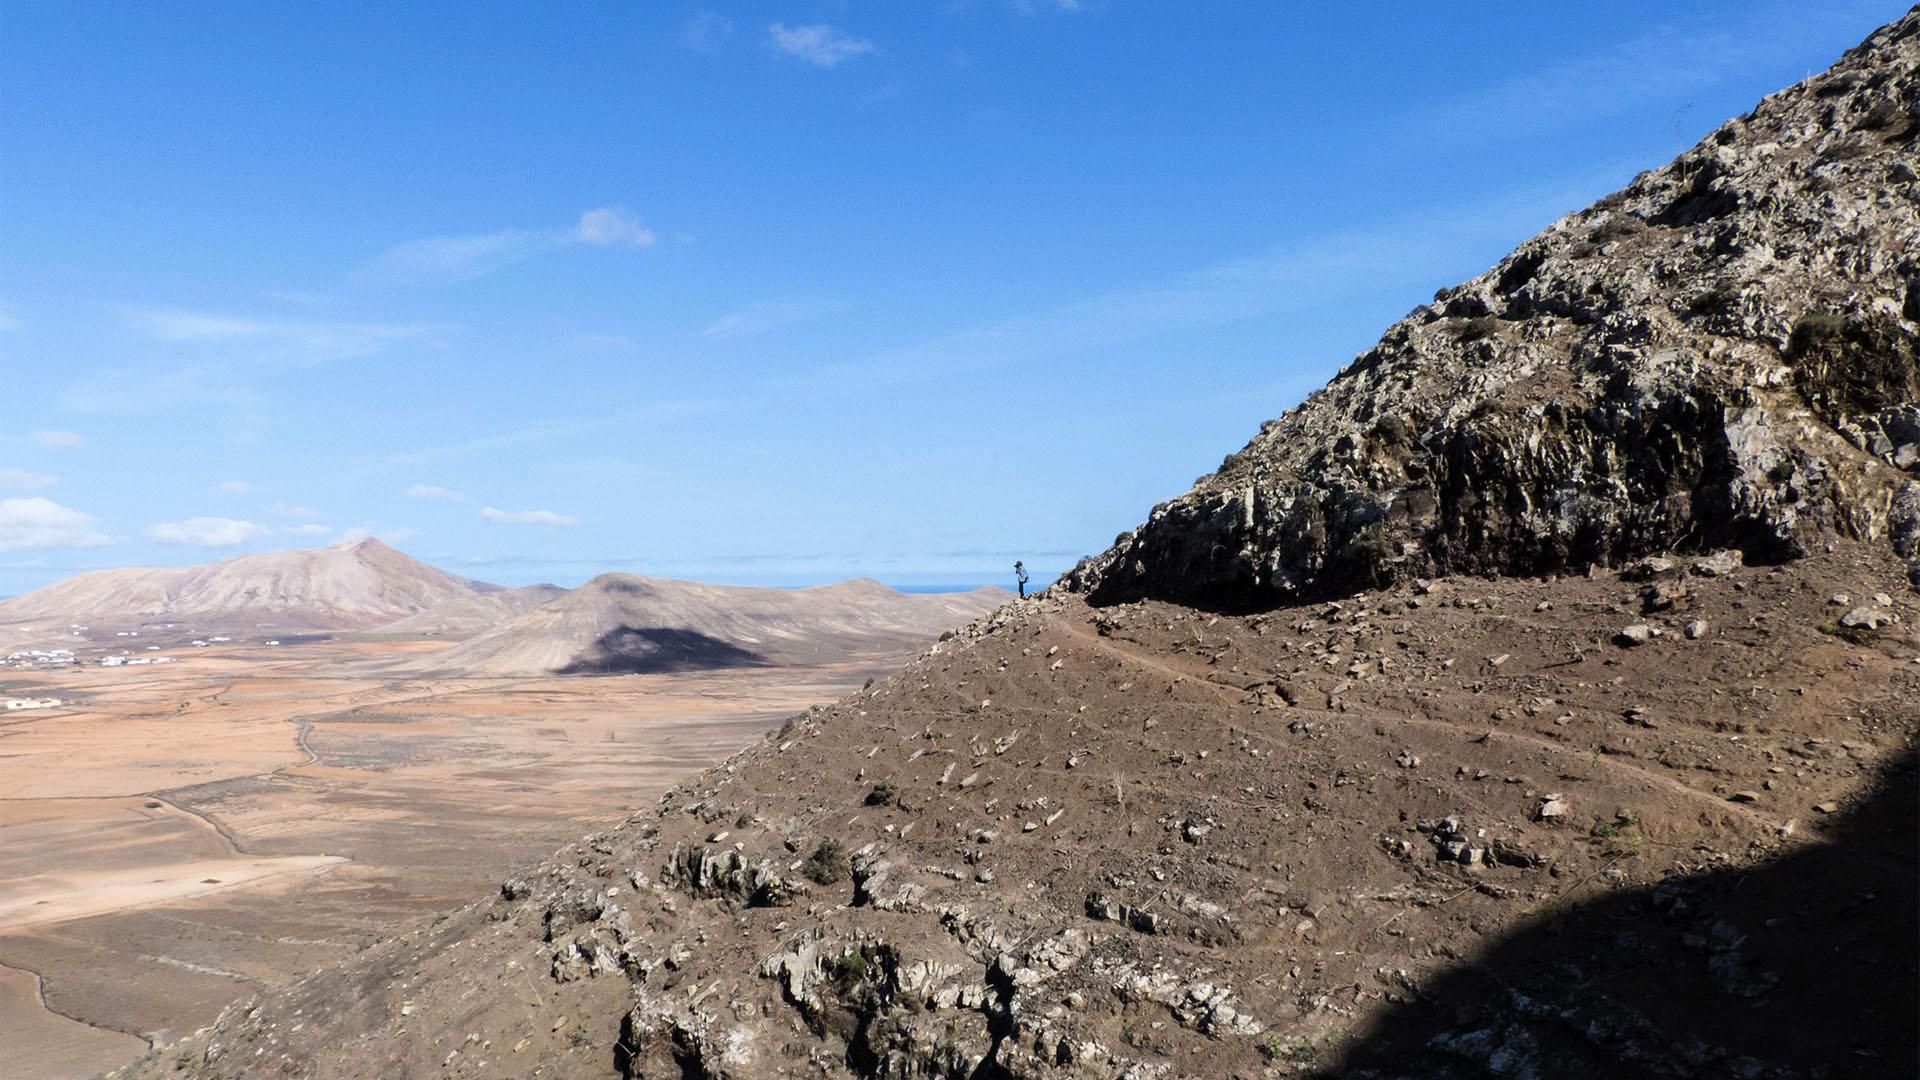 Sehenswürdigkeiten Fuerteventuras: Vallebrón – Fuente de Tababaire y Morro Tabaiba.